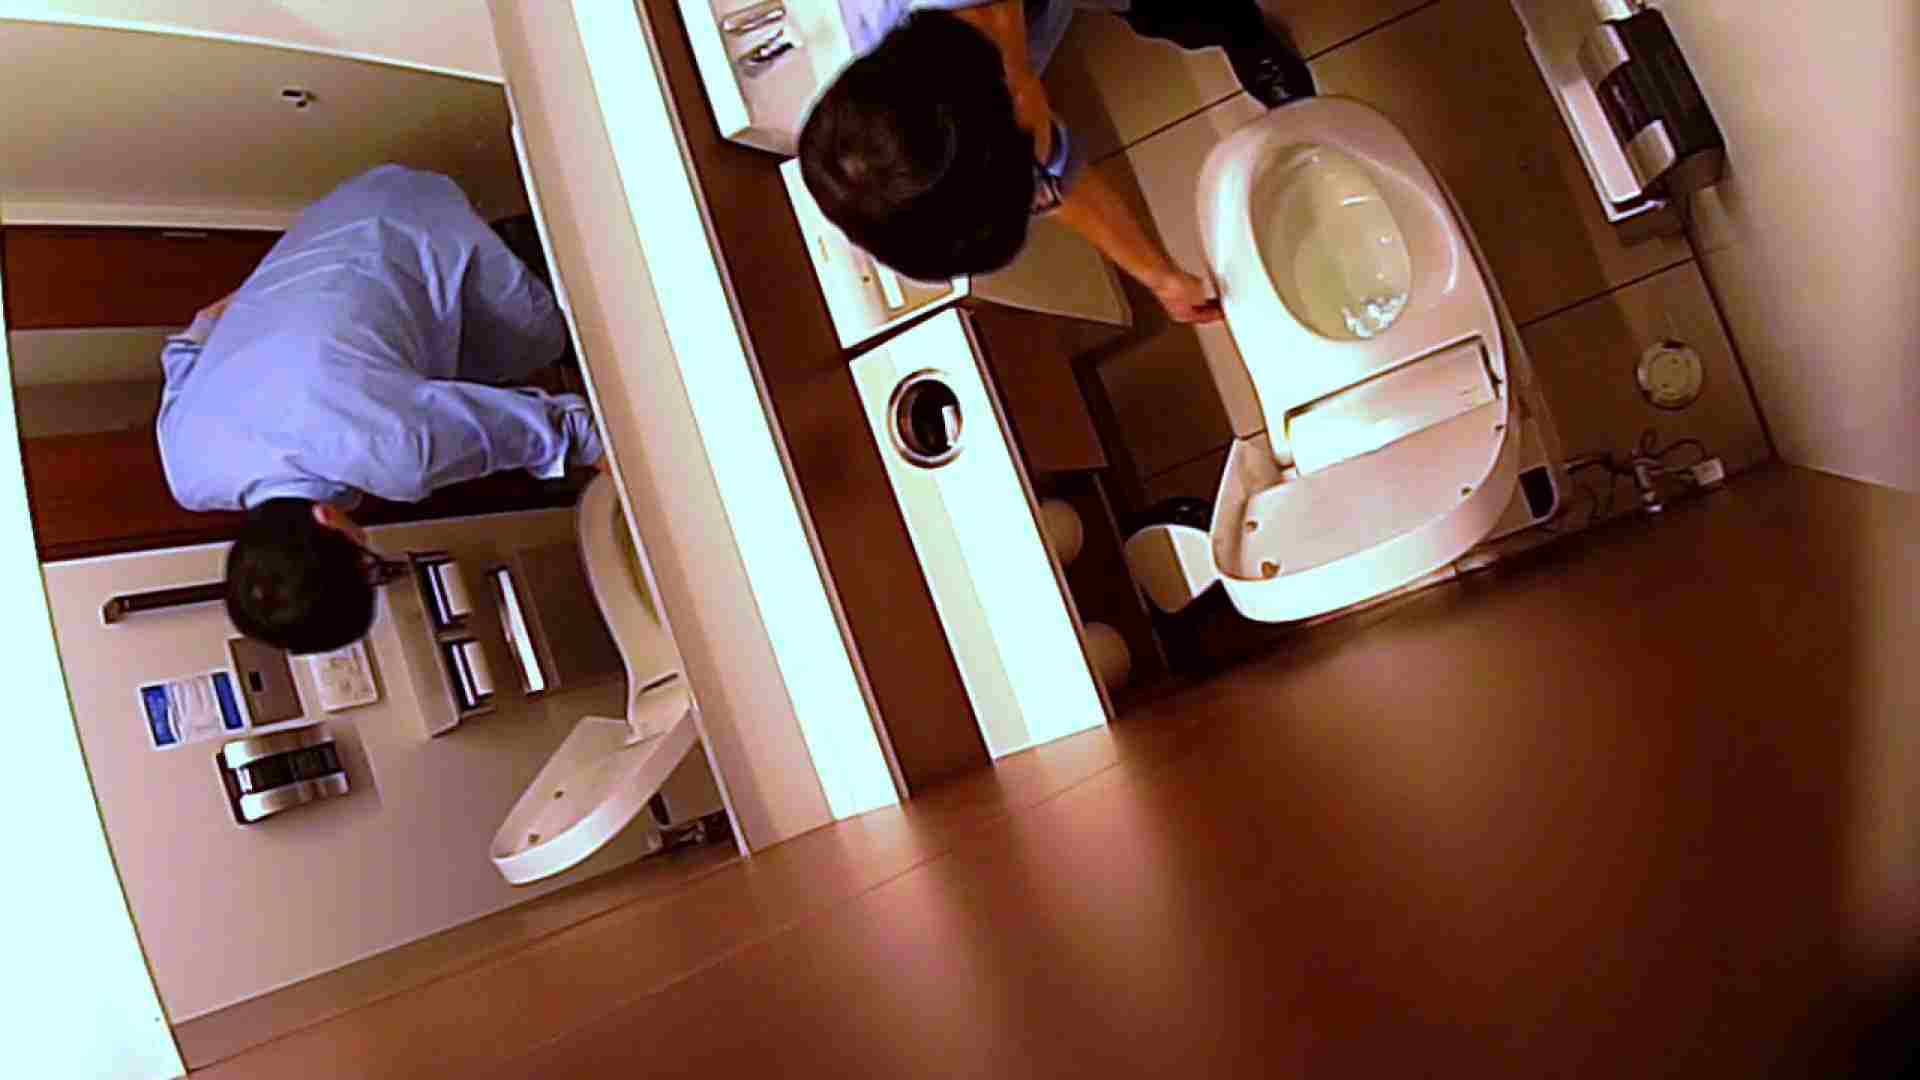 すみませんが覗かせてください Vol.31 トイレ | 0  94pic 44